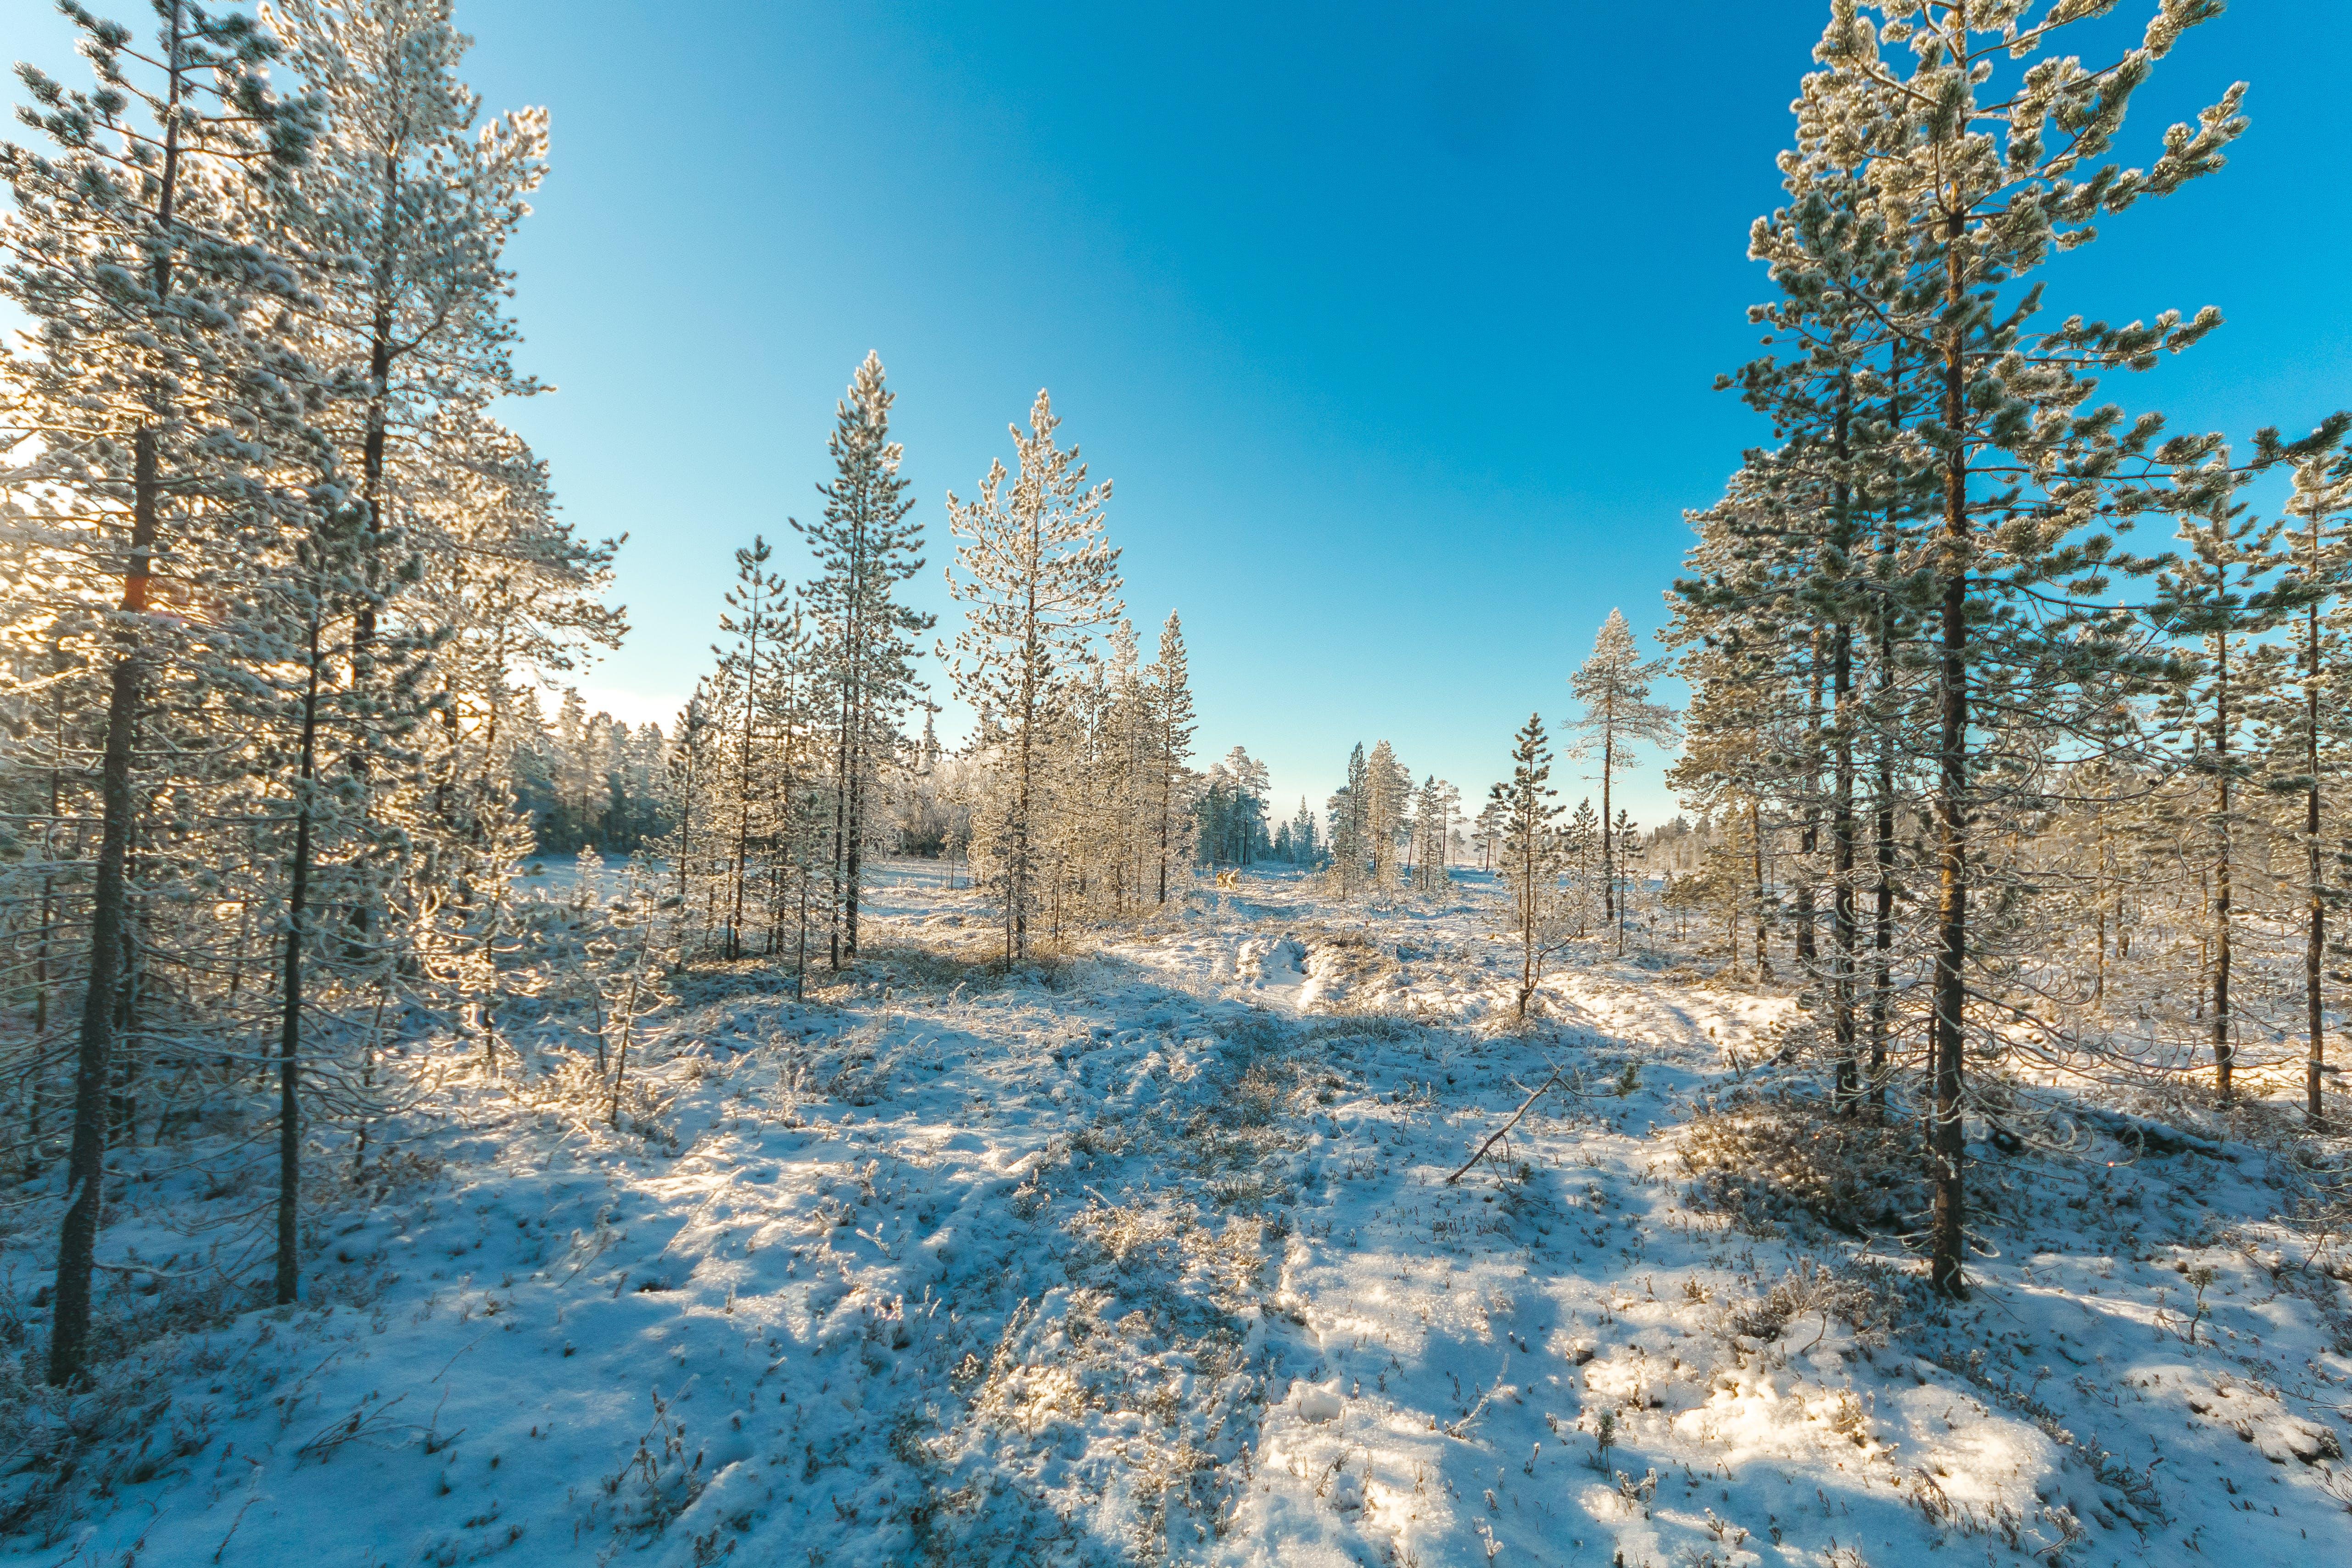 ağaçlar, buz tutmuş, çam, çevre içeren Ücretsiz stok fotoğraf